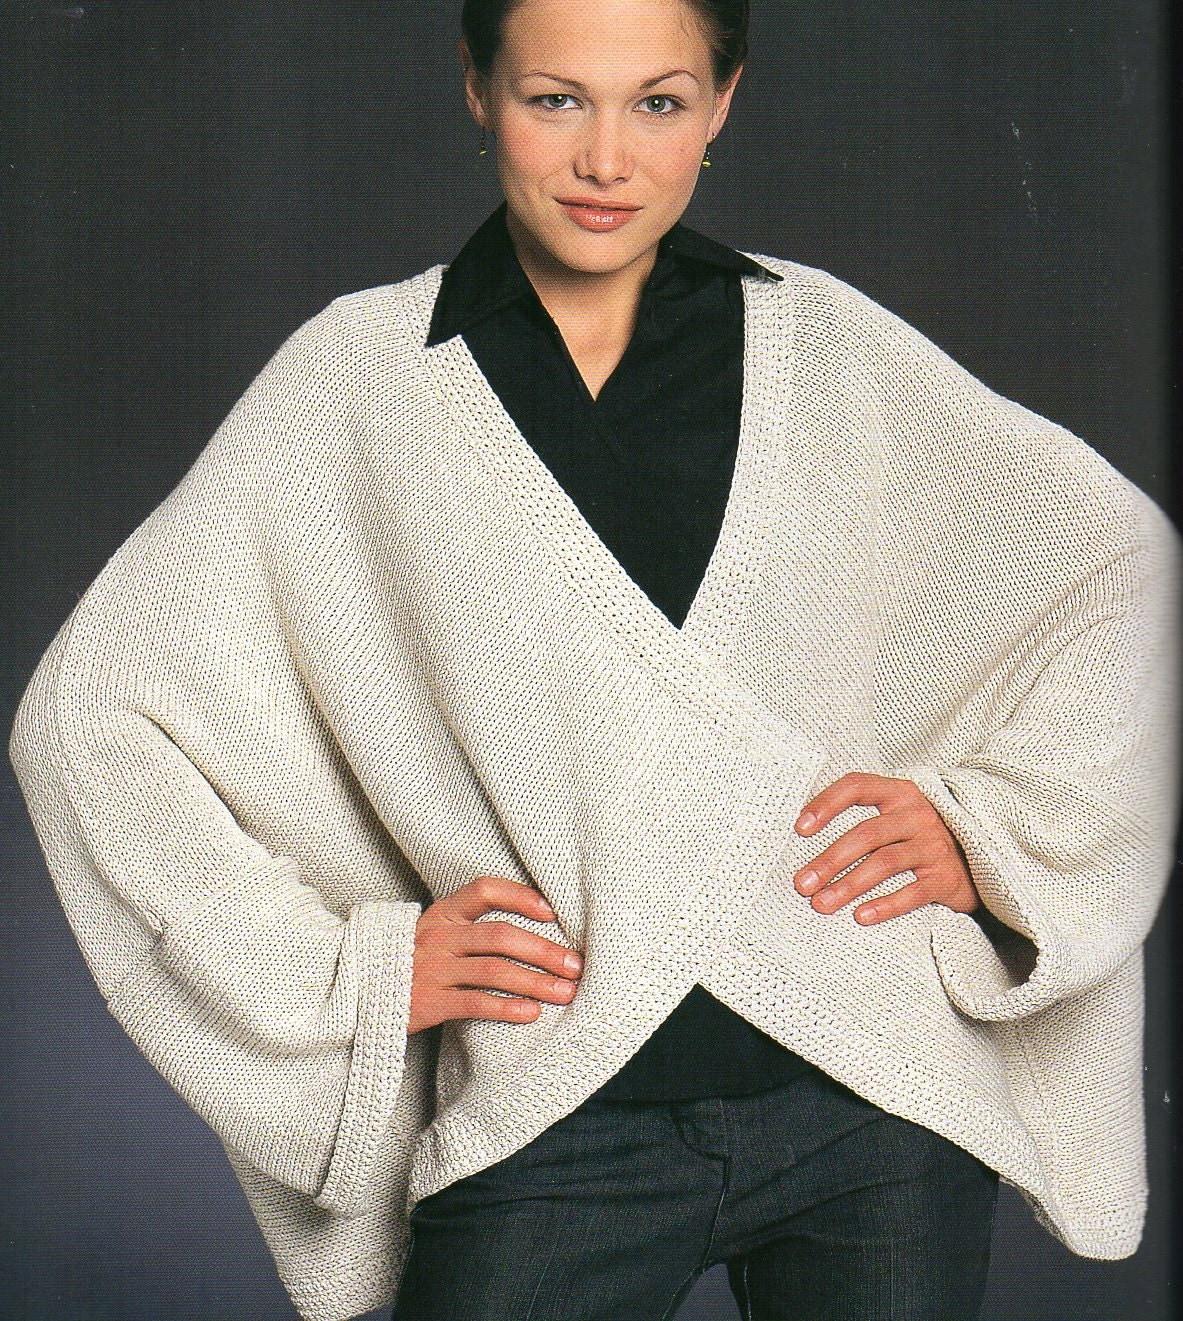 Kimono Scarf Knitting Pattern : Kimono Wrap Jacket Knitting Pattern Easy Fitting One Size Fits